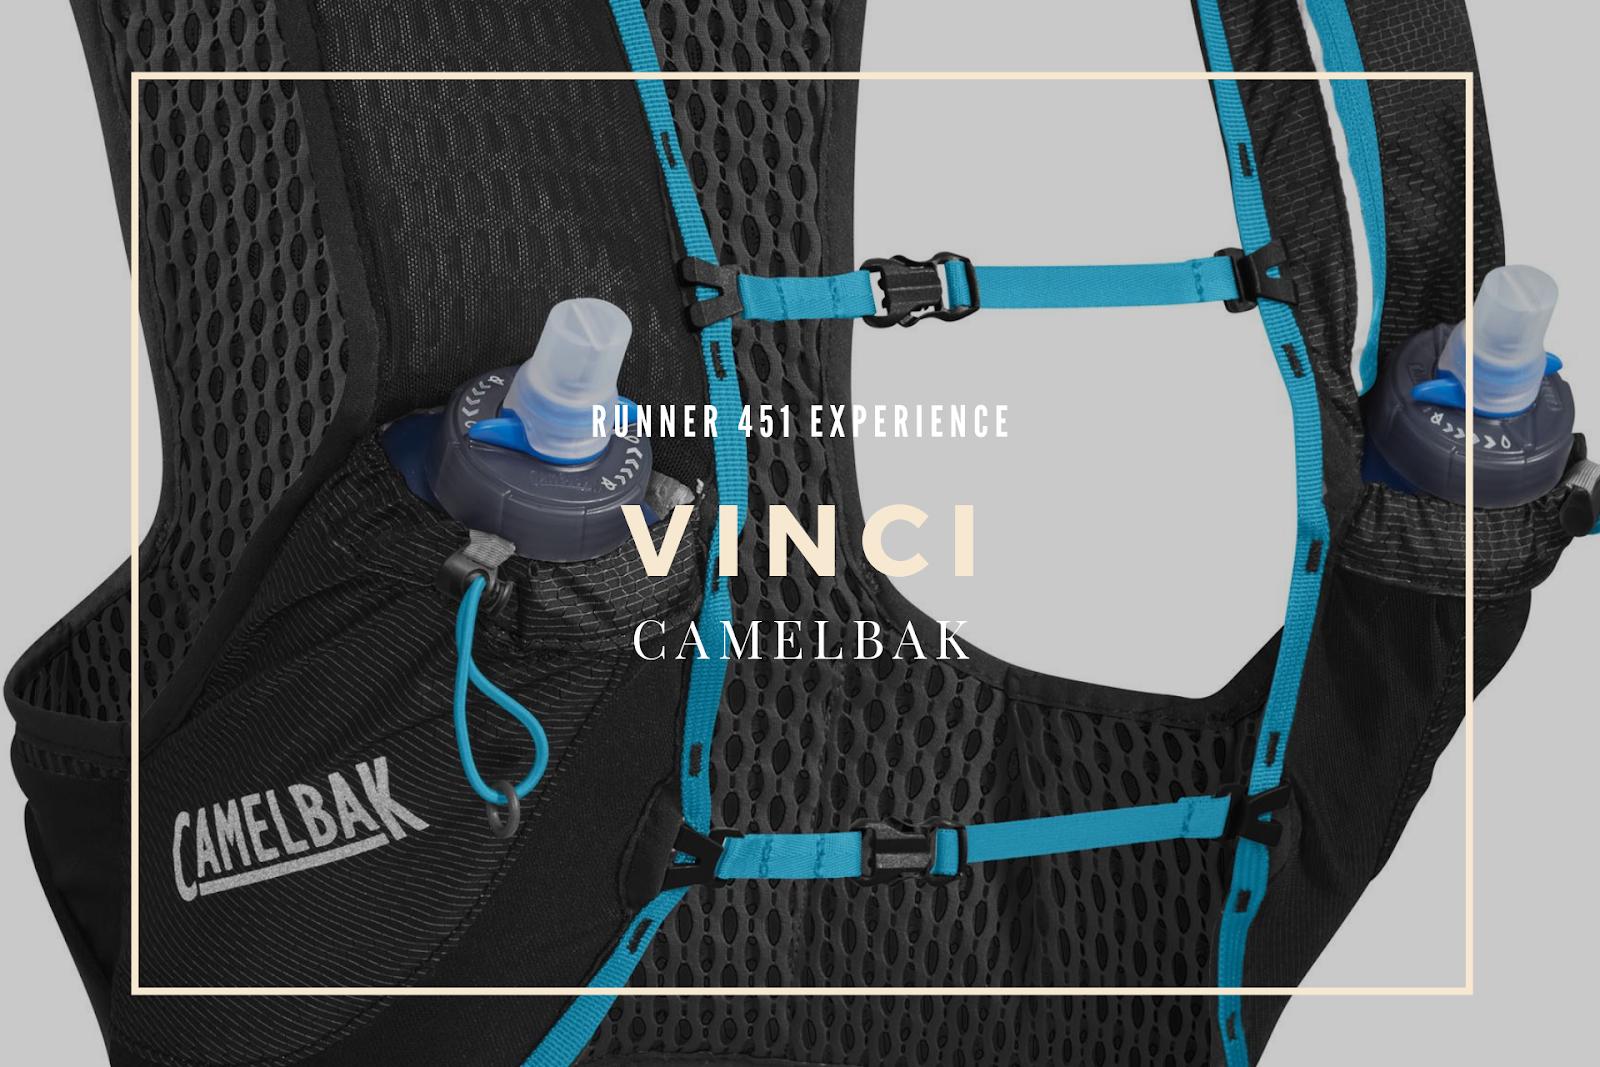 Vinci Camelbak agli stage di corsa di Runner 451